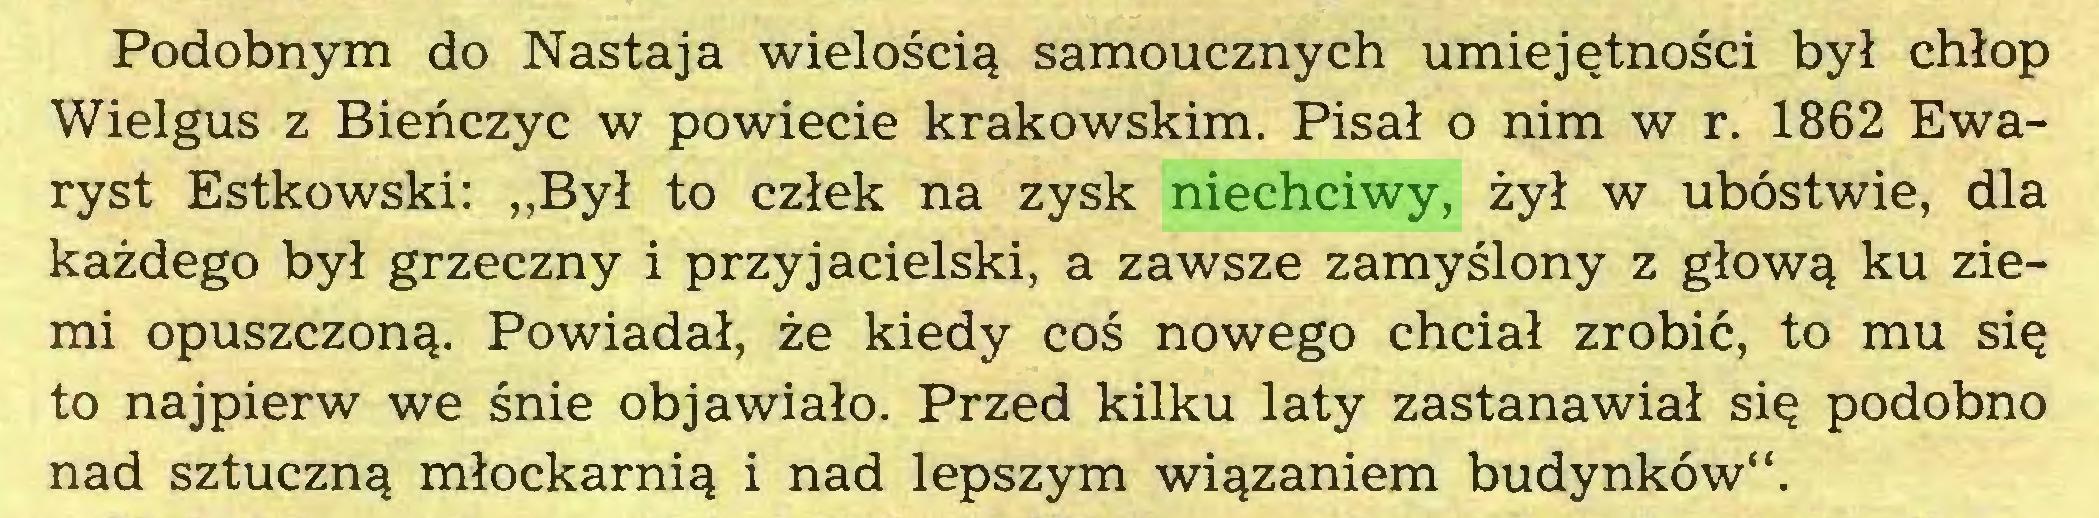 """(...) Podobnym do Nastaja wielością samoucznych umiejętności był chłop Wielgus z Bieńczyc w powiecie krakowskim. Pisał o nim w r. 1862 Ewaryst Estkowski: """"Był to człek na zysk niechciwy, żył w ubóstwie, dla każdego był grzeczny i przyjacielski, a zawsze zamyślony z głową ku ziemi opuszczoną. Powiadał, że kiedy coś nowego chciał zrobić, to mu się to najpierw we śnie objawiało. Przed kilku laty zastanawiał się podobno nad sztuczną młockarnią i nad lepszym wiązaniem budynków""""..."""